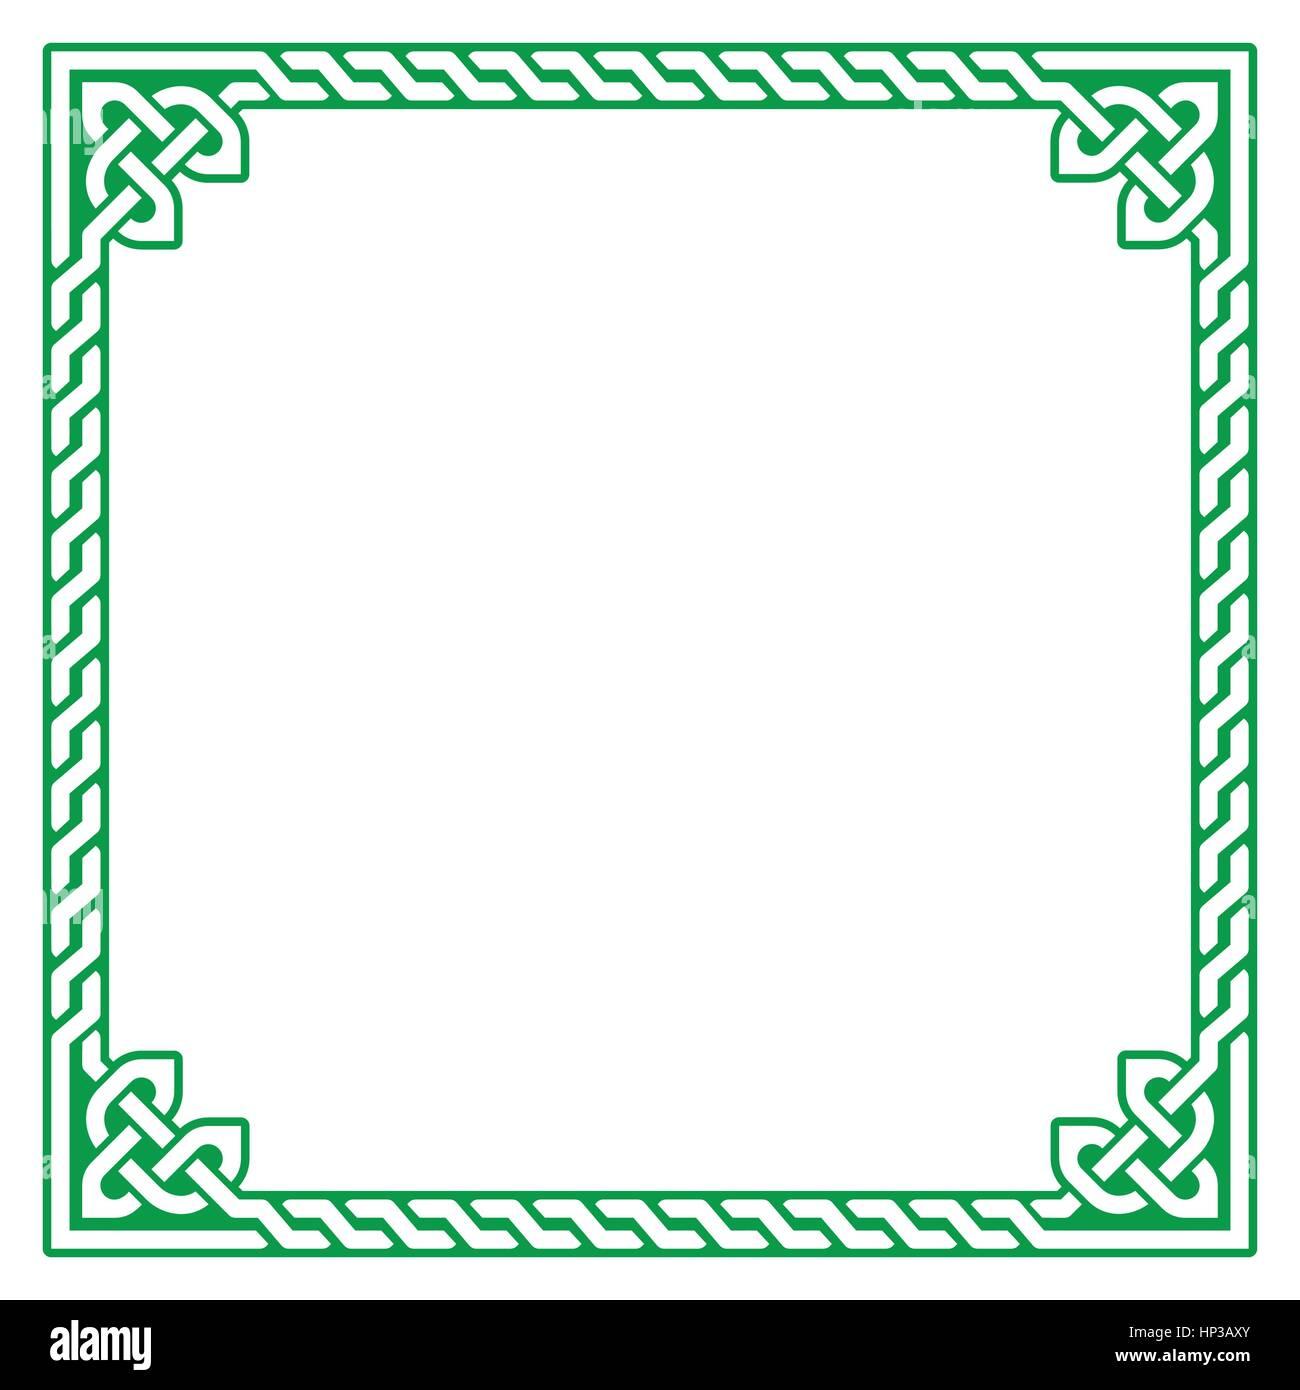 Atemberaubend Kd Rahmen Ideen - Benutzerdefinierte Bilderrahmen ...